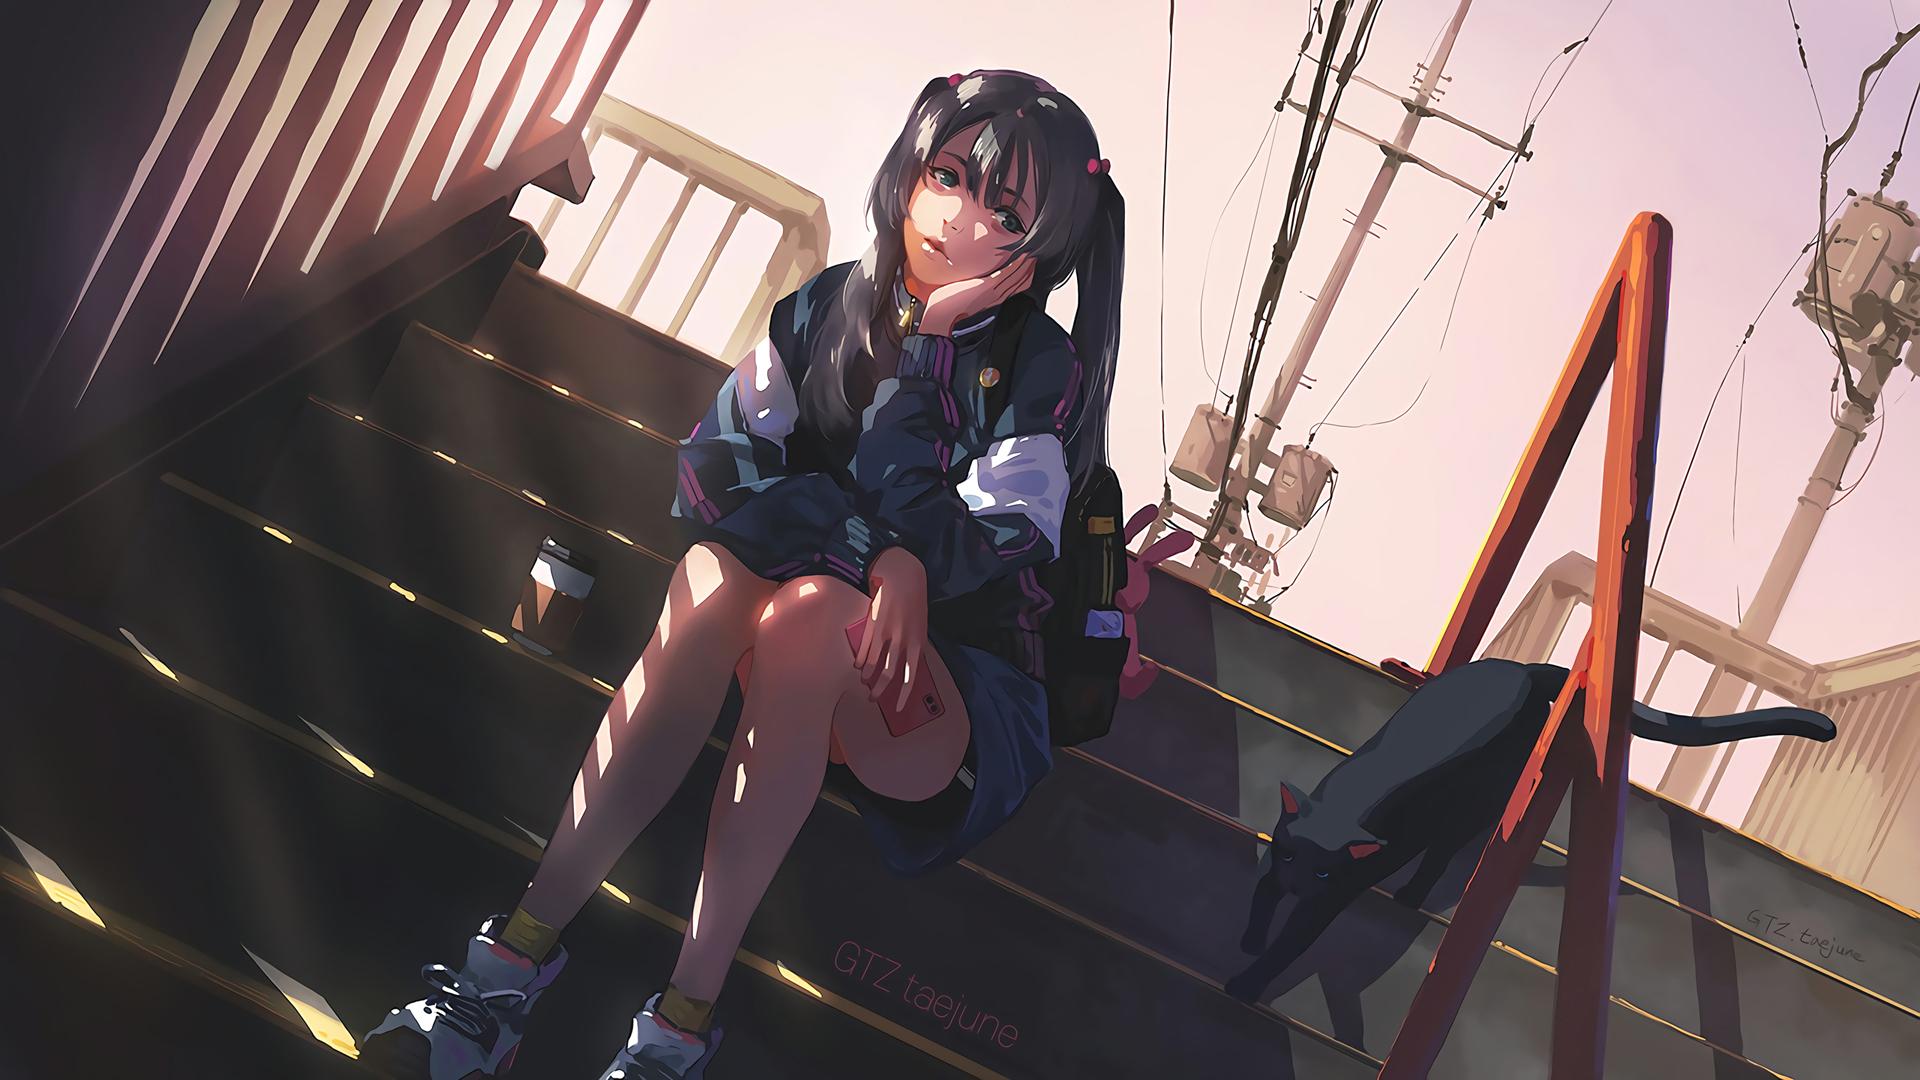 坐在楼梯上的动漫女孩壁纸